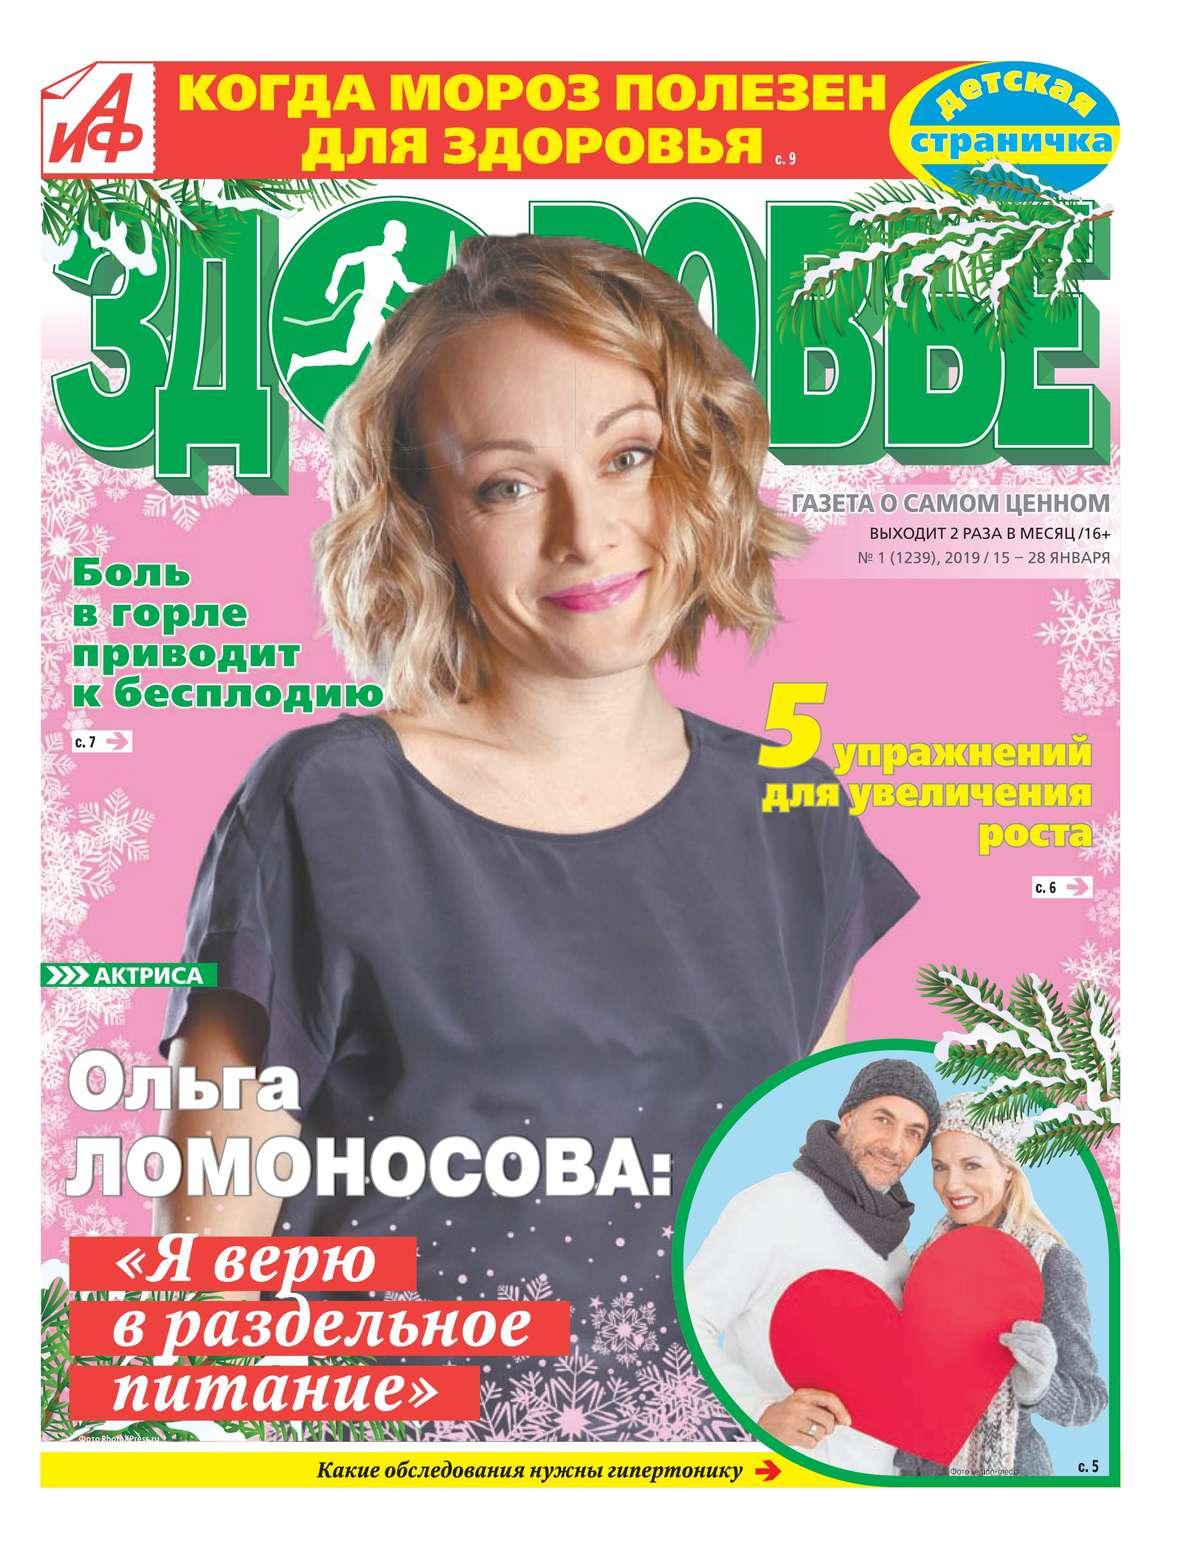 Редакция газеты Аиф. Здоровье Аиф. Здоровье 01-2019 цена